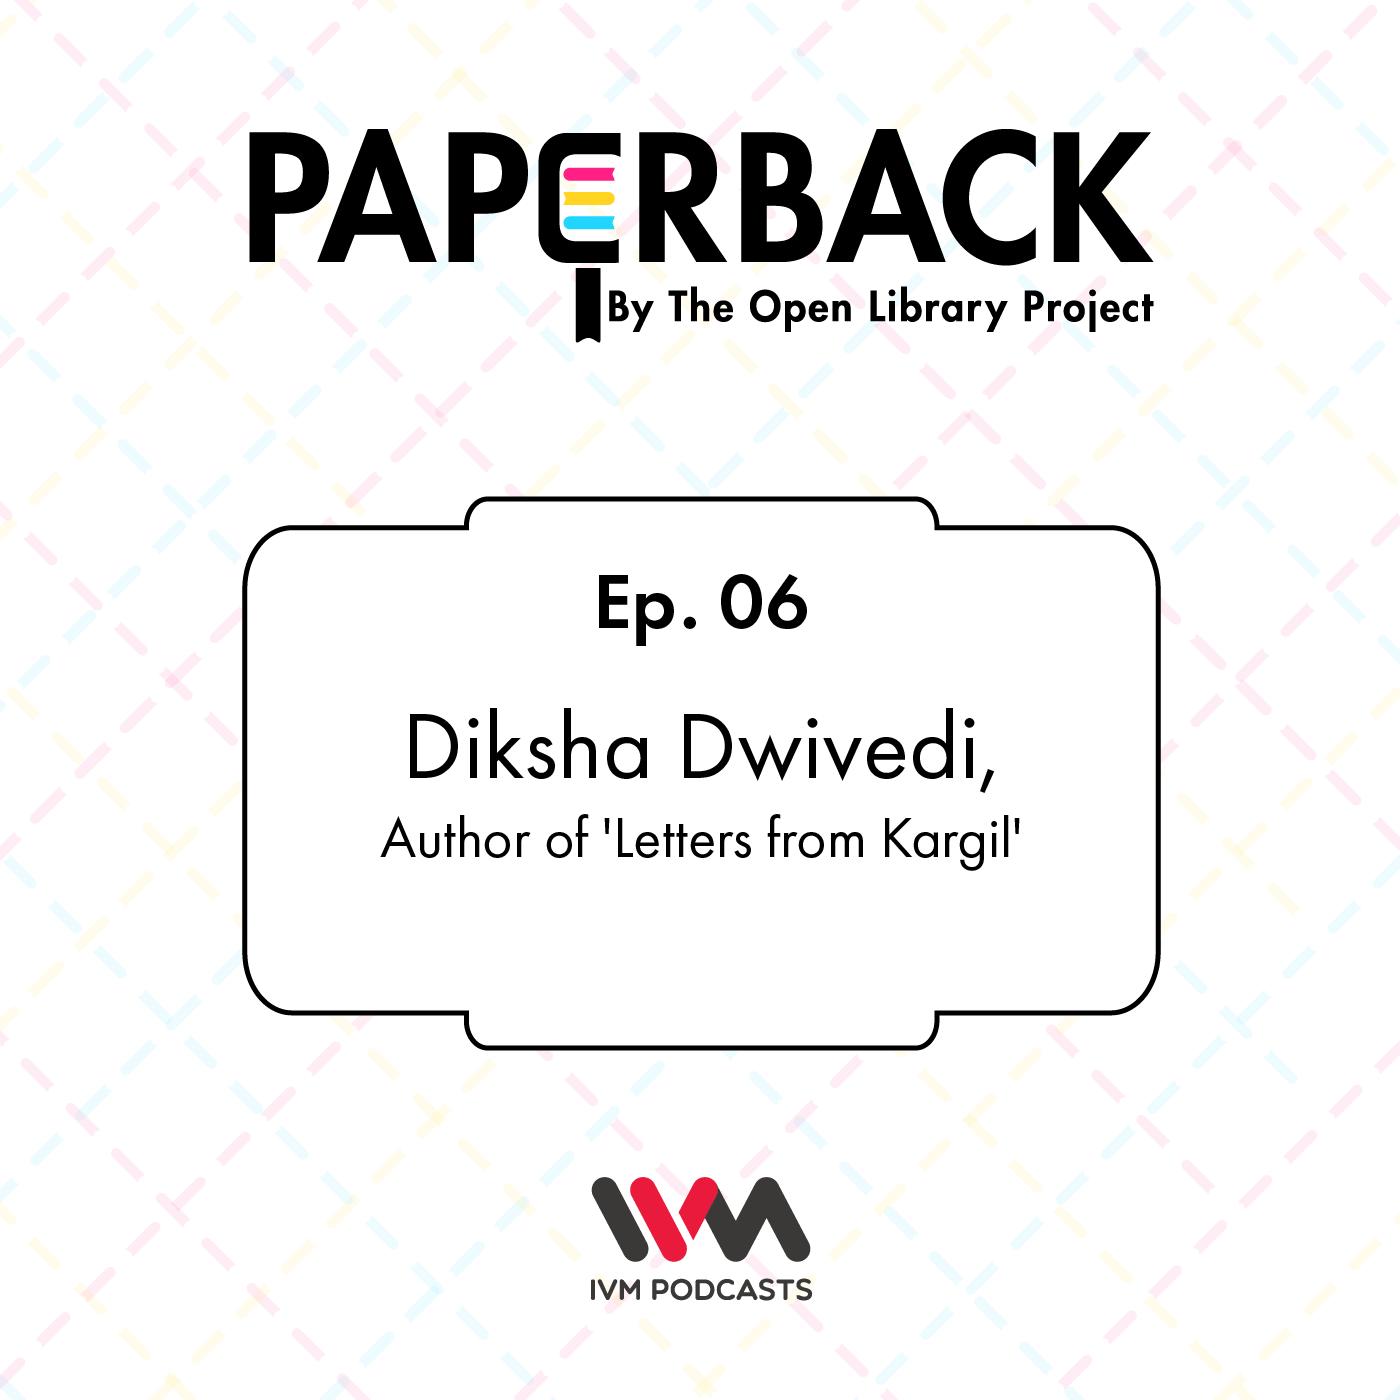 Ep. 06: Diksha Dwivedi